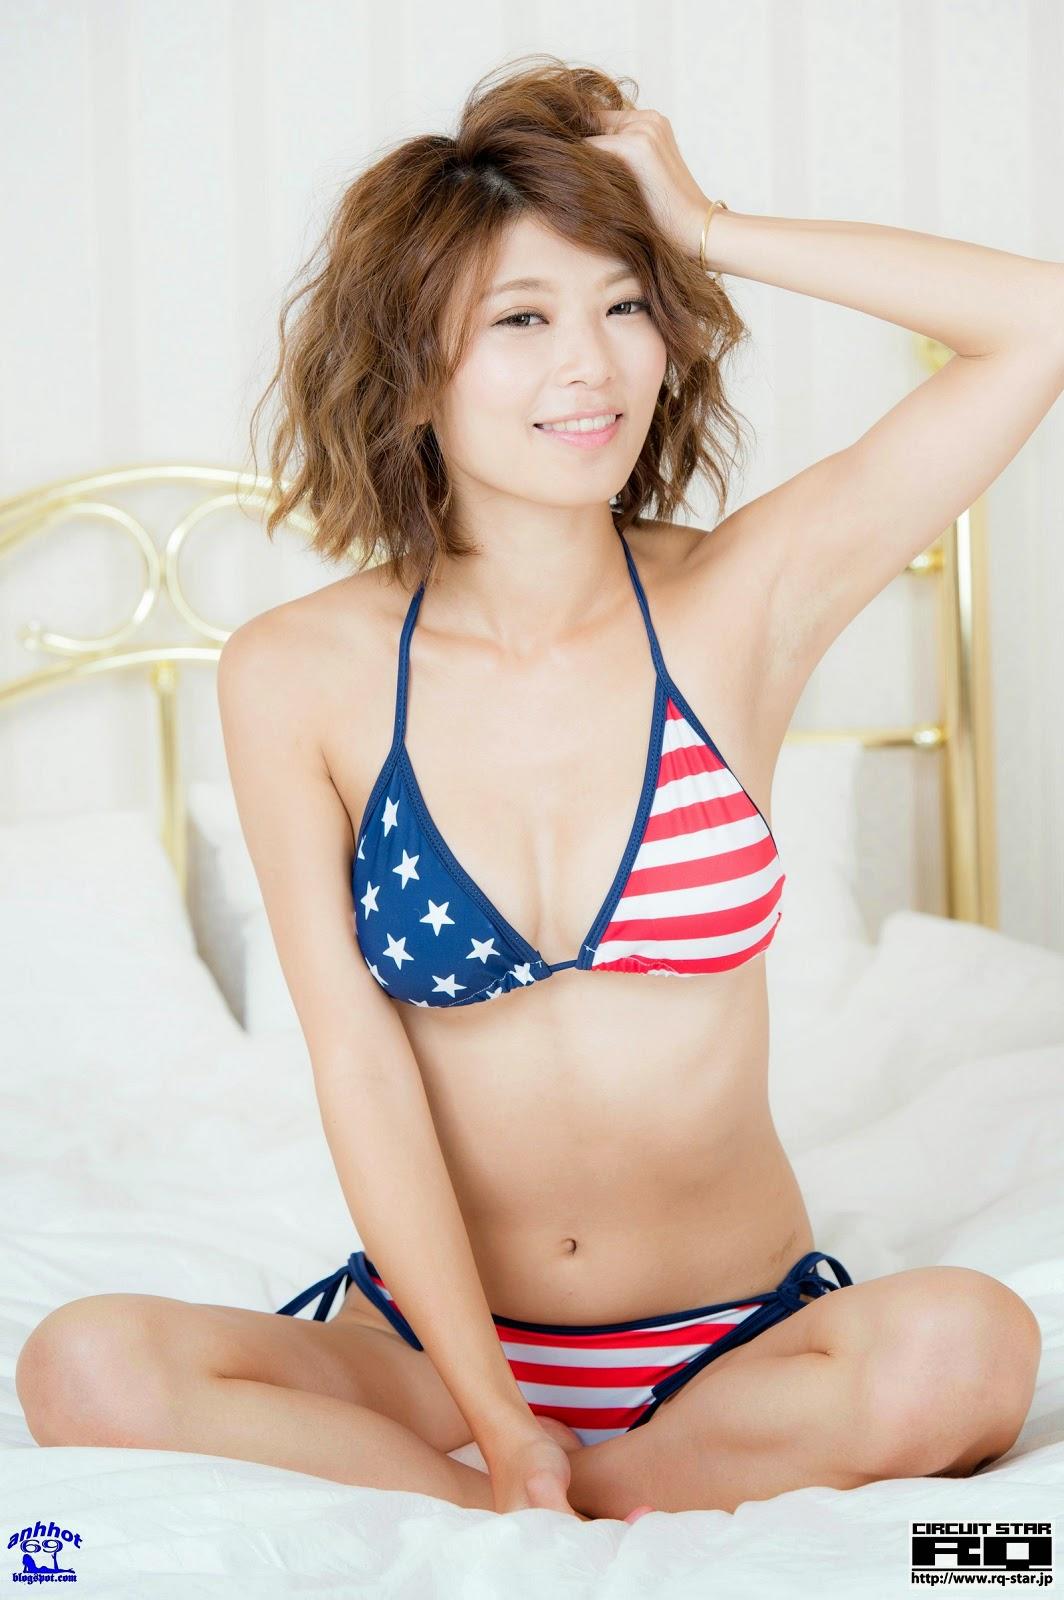 yoshika-tsujii_RQ-Star-No.965_127